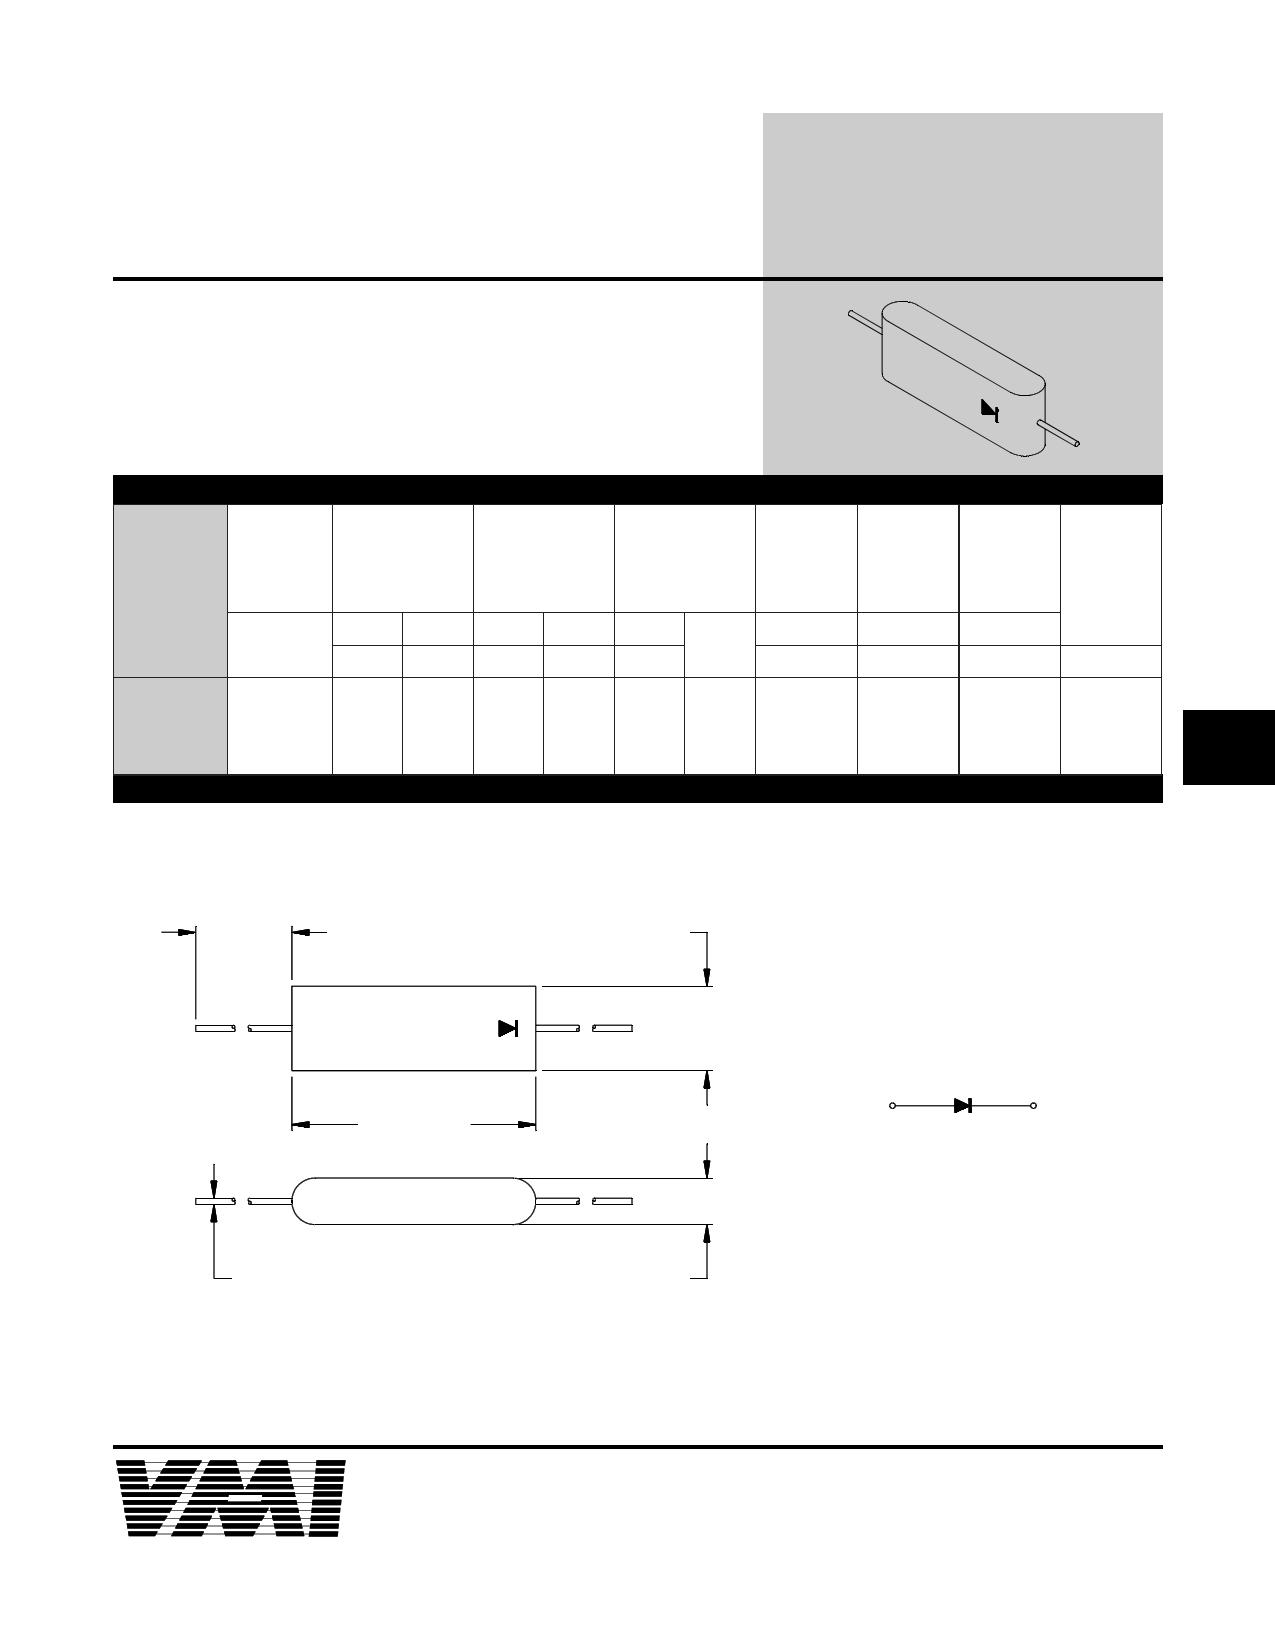 FP125F دیتاشیت PDF